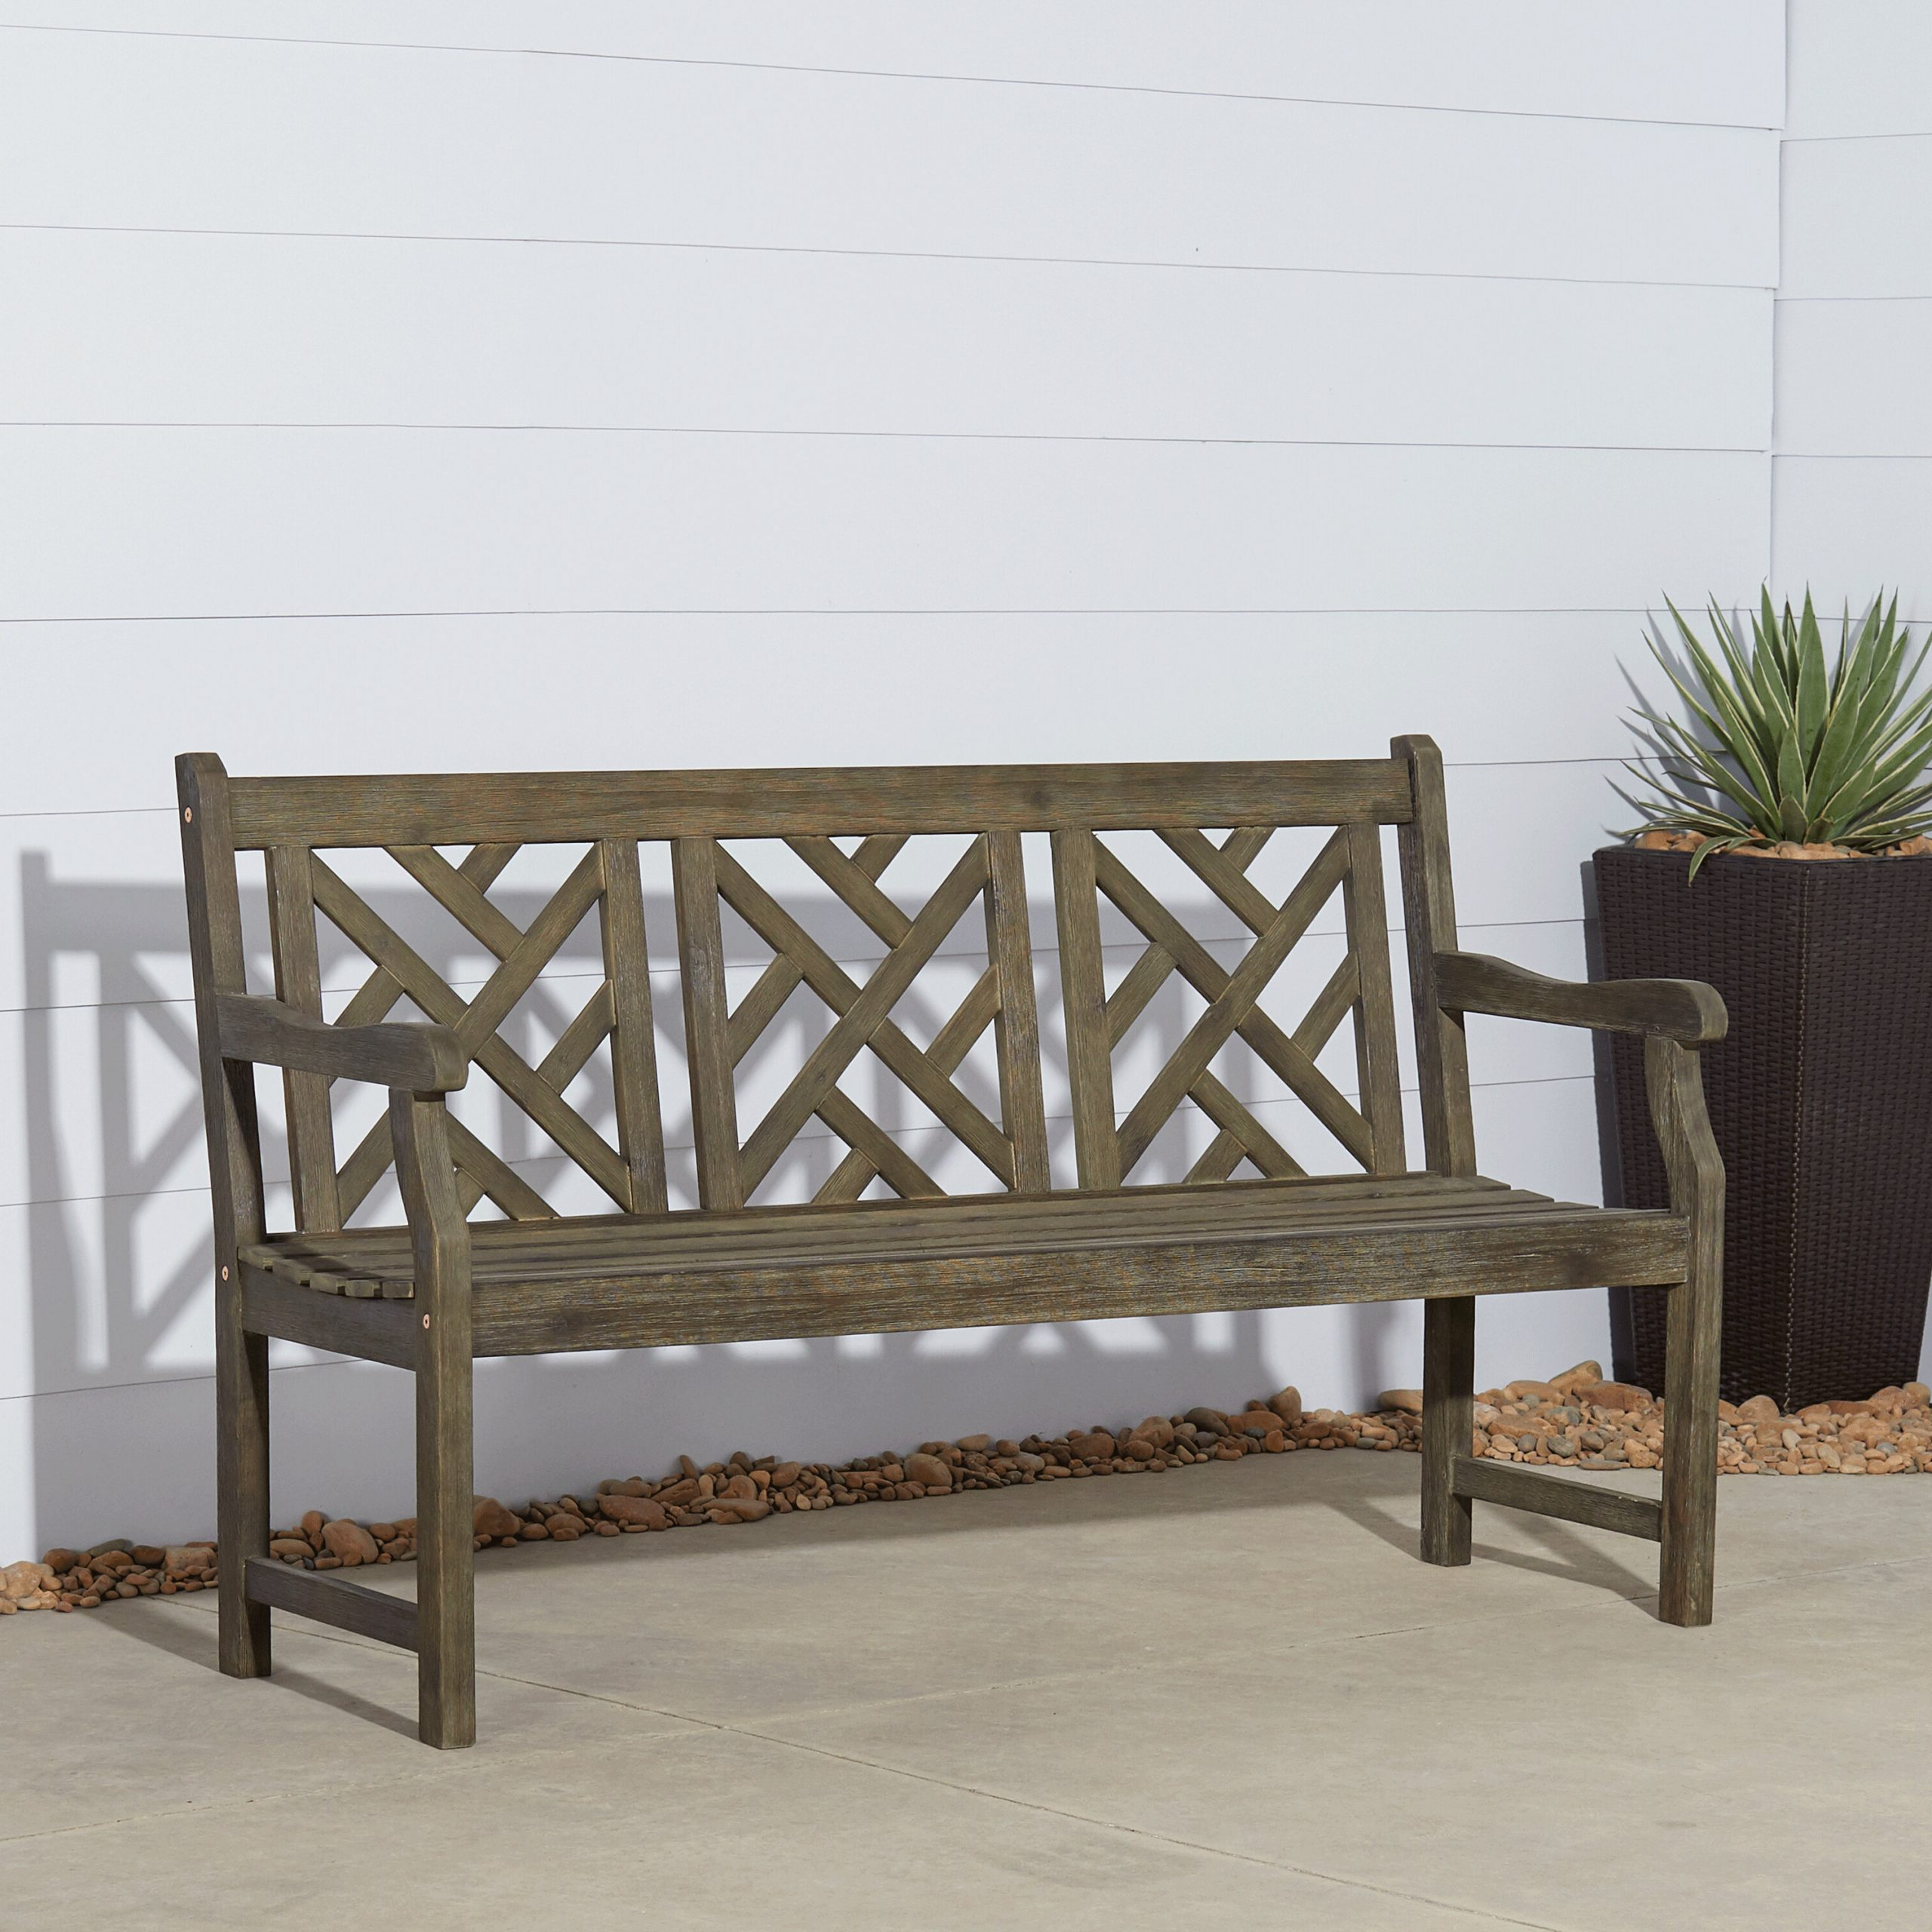 2019 Elsner Acacia Garden Benches Throughout Three Posts™ Elsner Acacia Garden Bench (View 2 of 30)